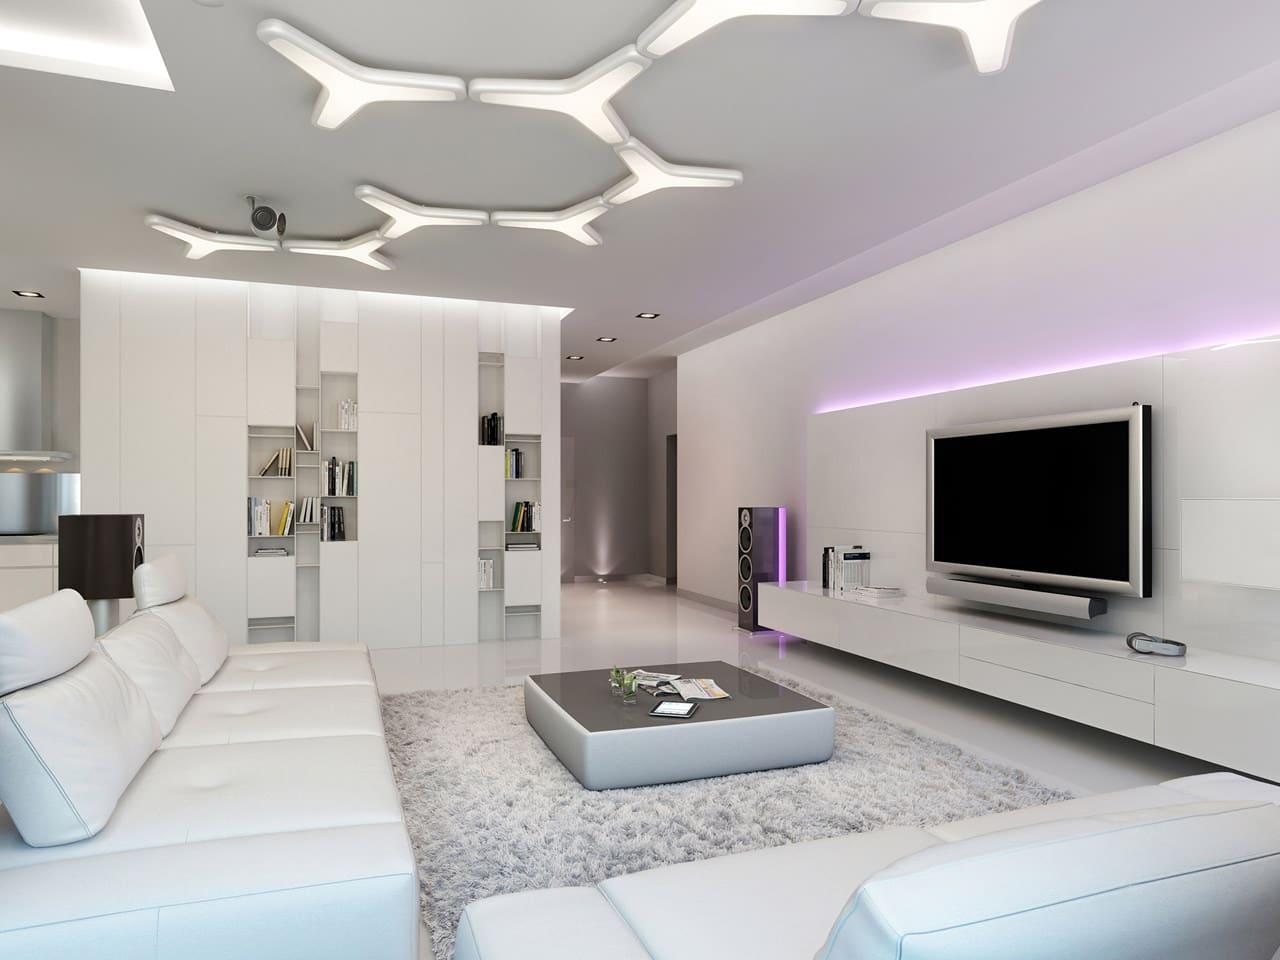 Decoracion Baños Living:Decoracion De Interiores Salas Modernas